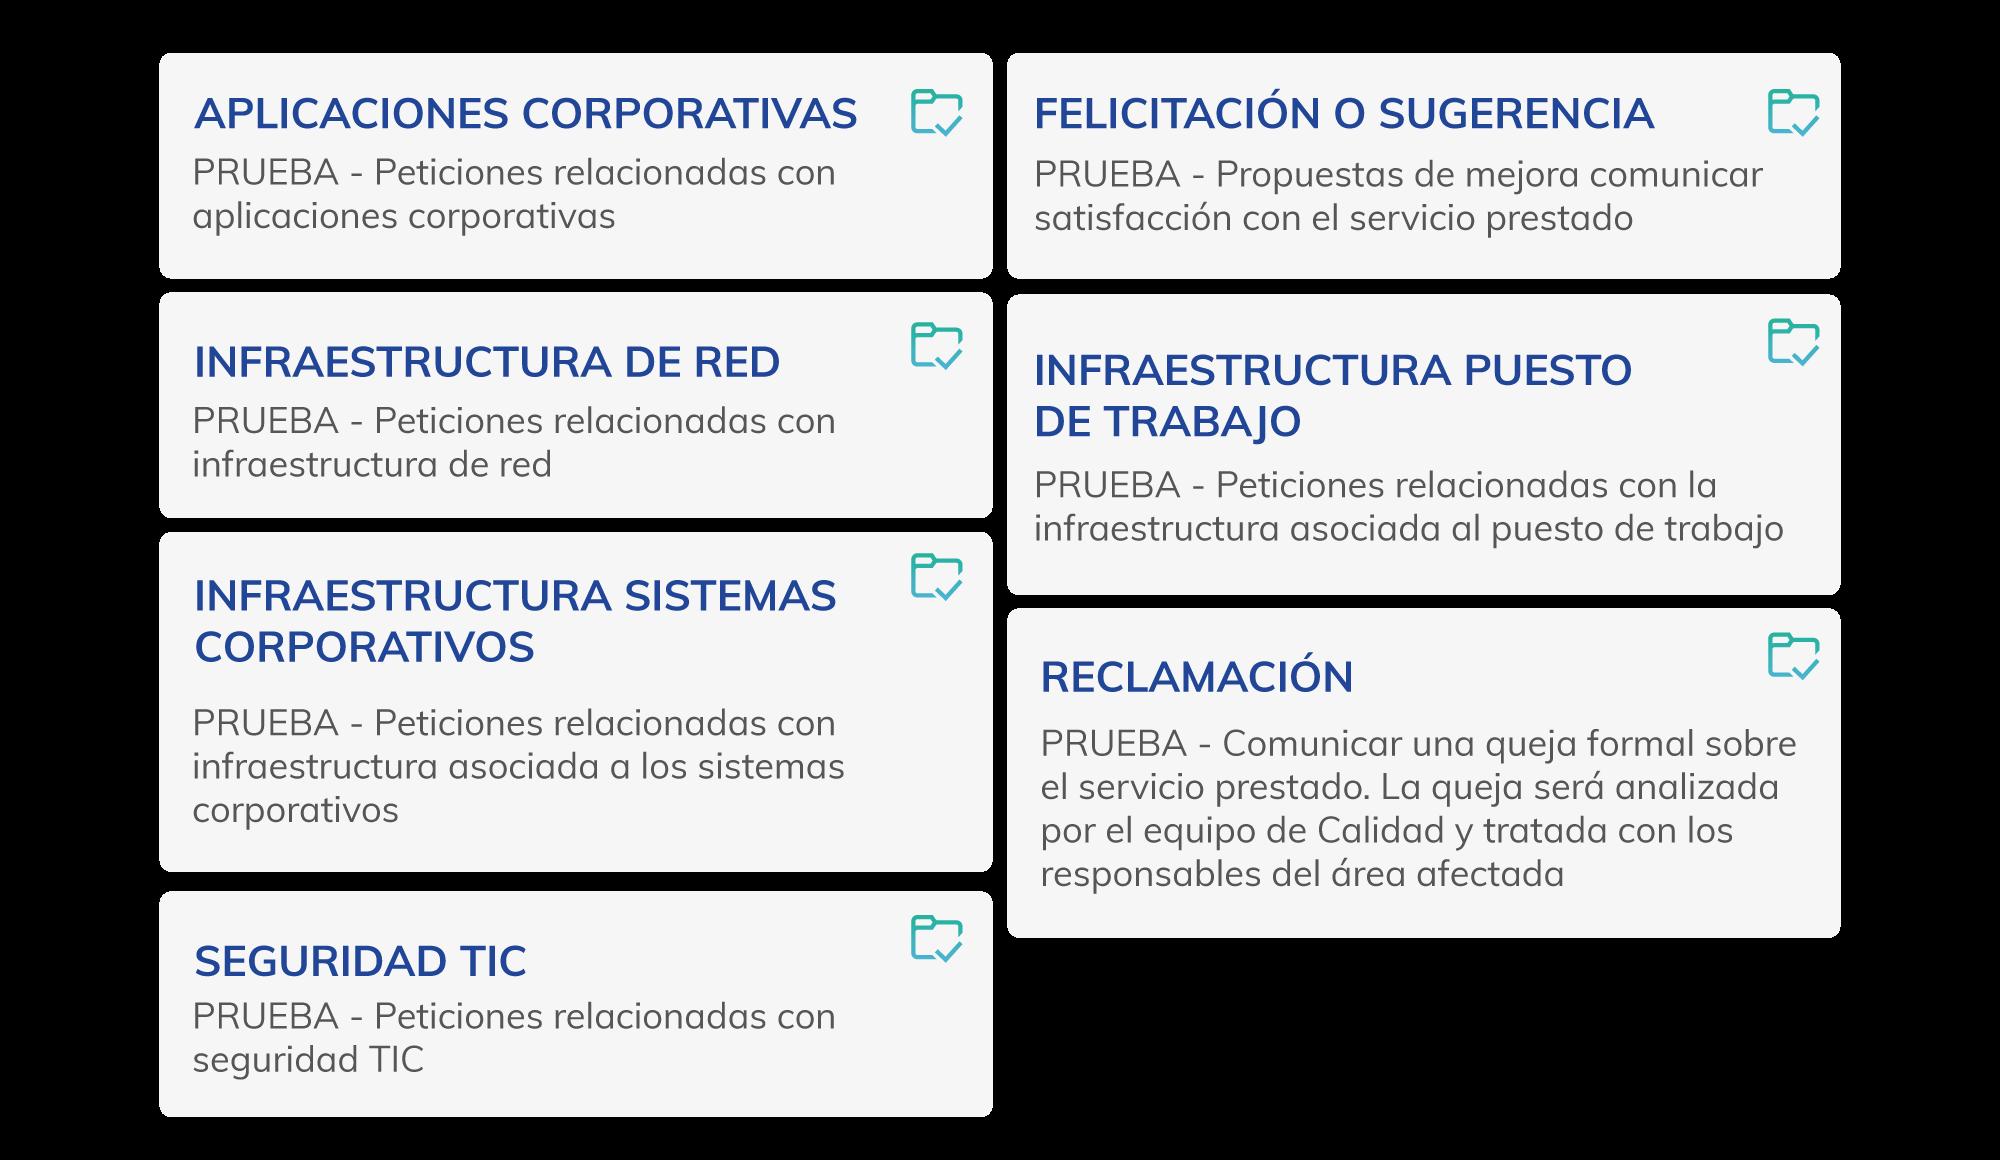 Tilena Catálogo de Servicios - ITSM